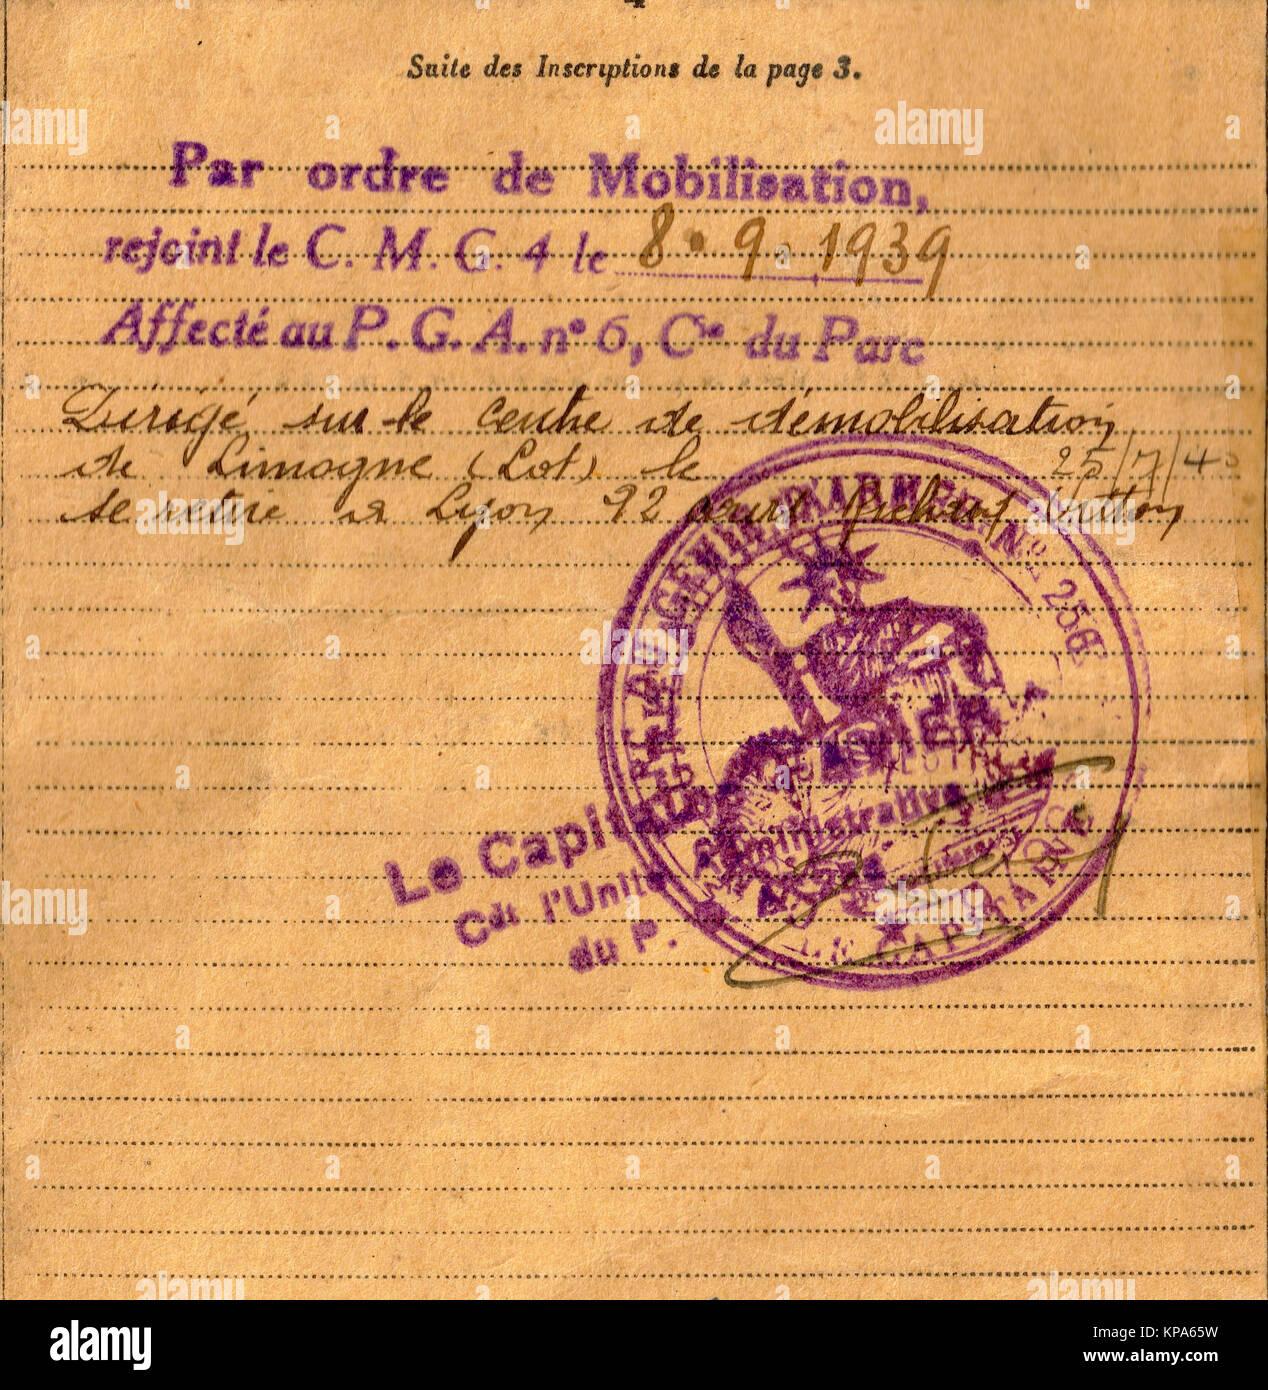 Livret militaire français DE LA SECONDE GUERRE MONDIALE, Lyon, France Photo Stock